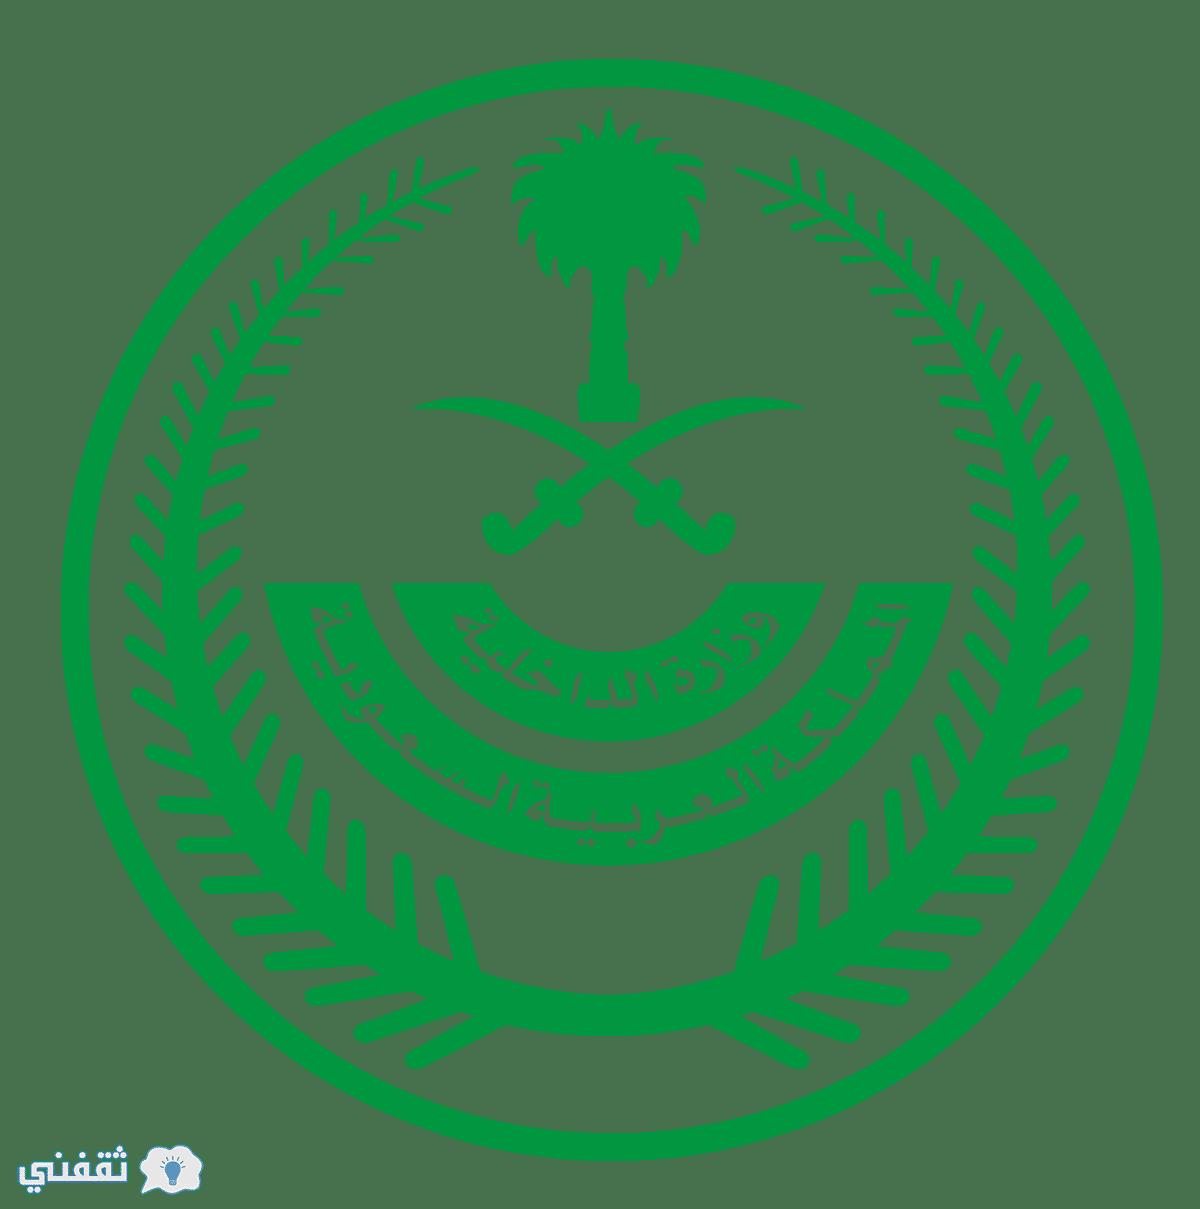 بطاقة الهوية الوطنية الجديده، بطاقة الهوية الوطنية الجديده الاصدار الثالث، وزارة الداخلية السعودية، بطاقة الهوية الوطنية الاصدار الثالث، بطاقة الهوية الوطنية الاصدار الثالث الجديدة، بطاقة الهوية الوطنية الجديدة، الاصدار الثالث من بطاقة الهوية الوطنية